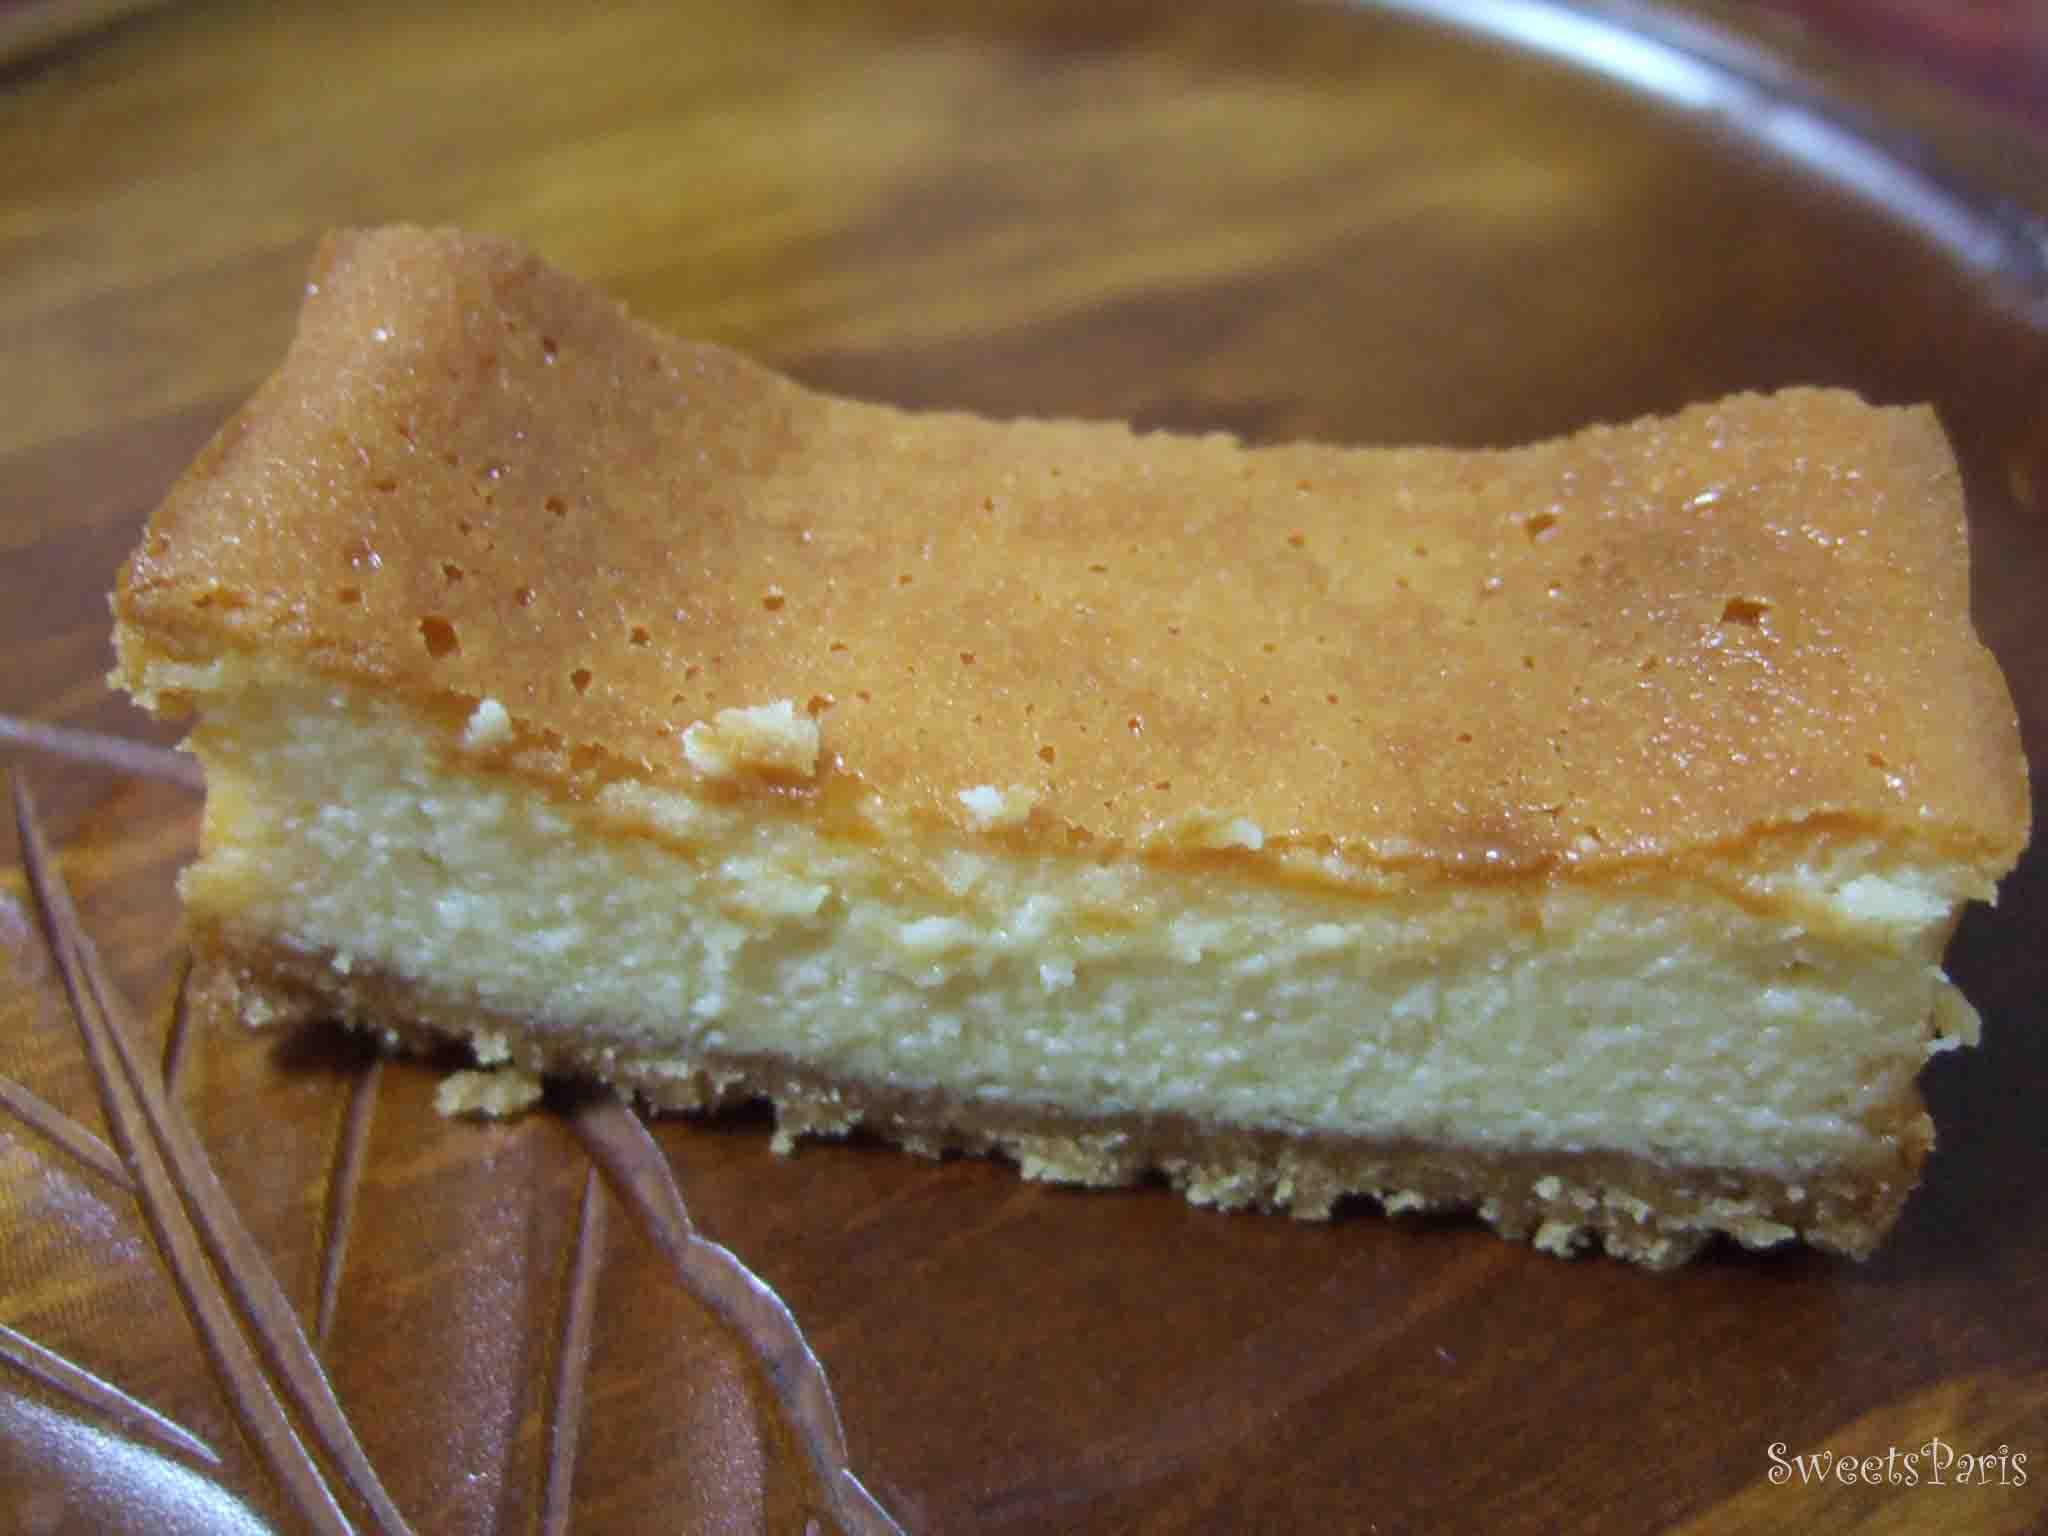 濃厚なガトーフロマージュの作りかた Recette gateau fromage